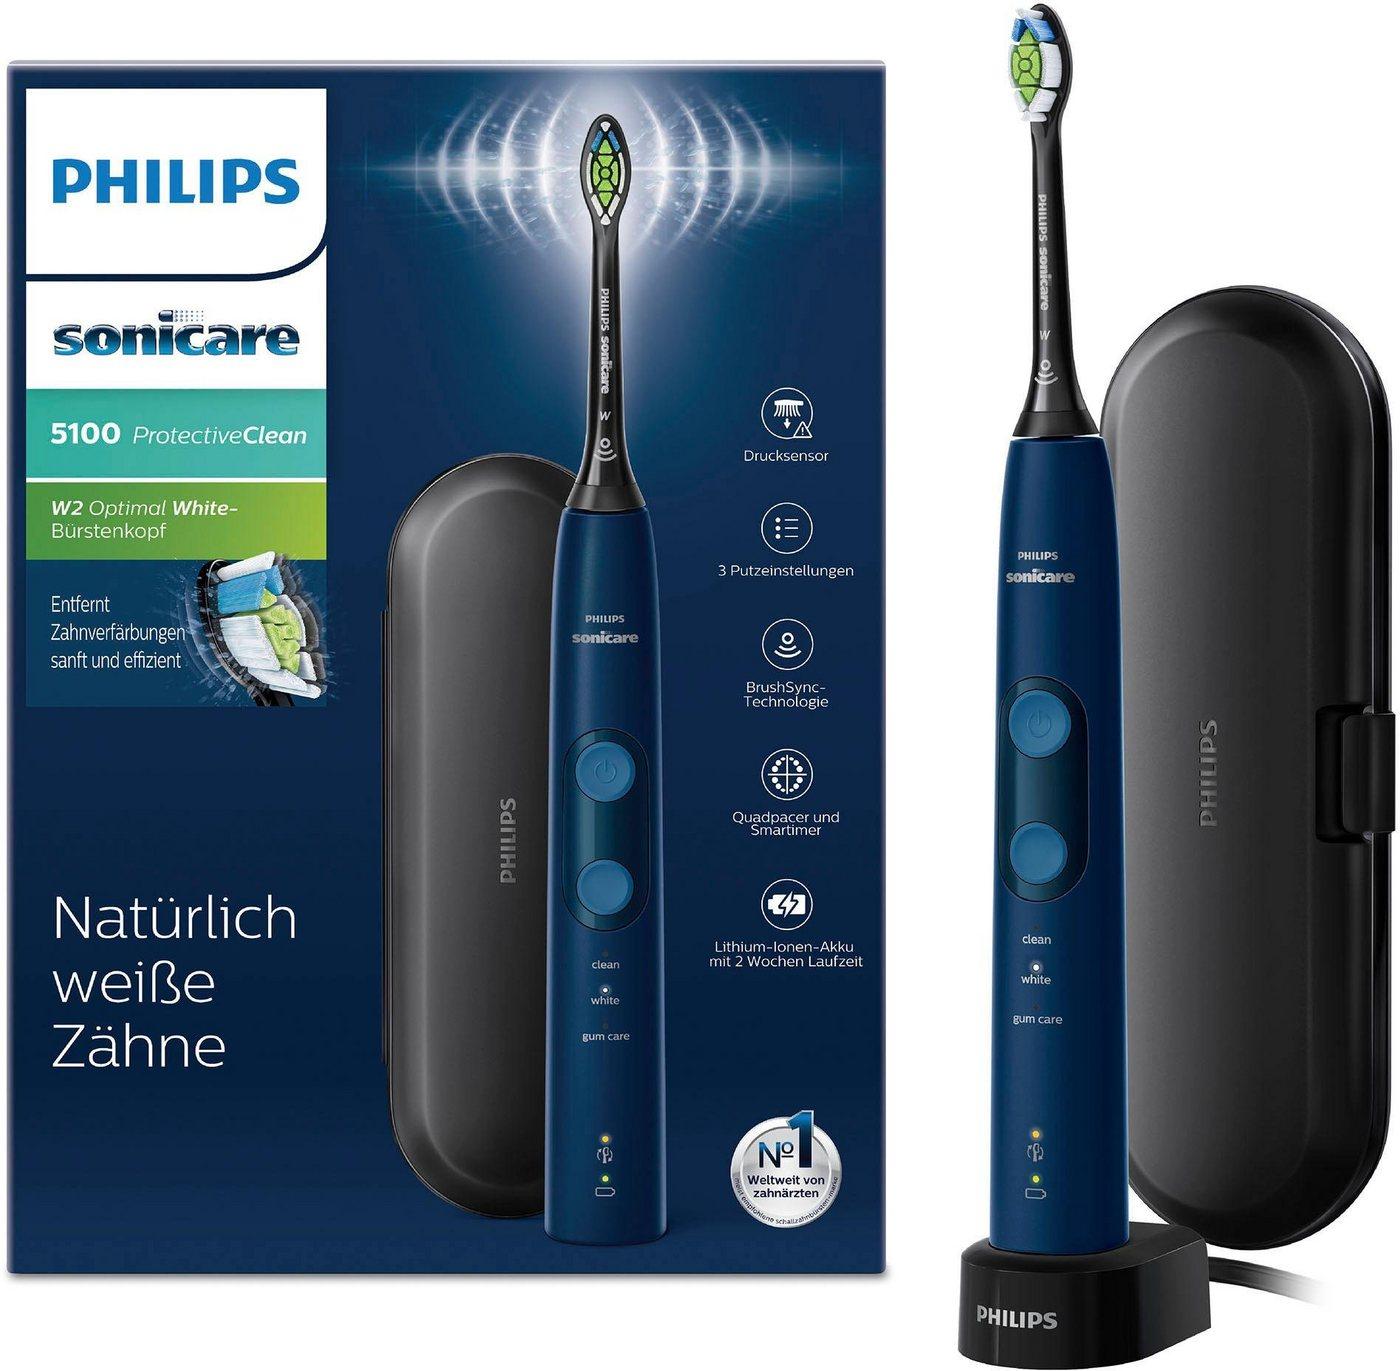 Philips Sonicare Schallzahnbürste HX6851/53, Aufsteckbürsten: 1 St., ProtectiveClean 5100 mit Andruckkontrolle blau  Mundpflege